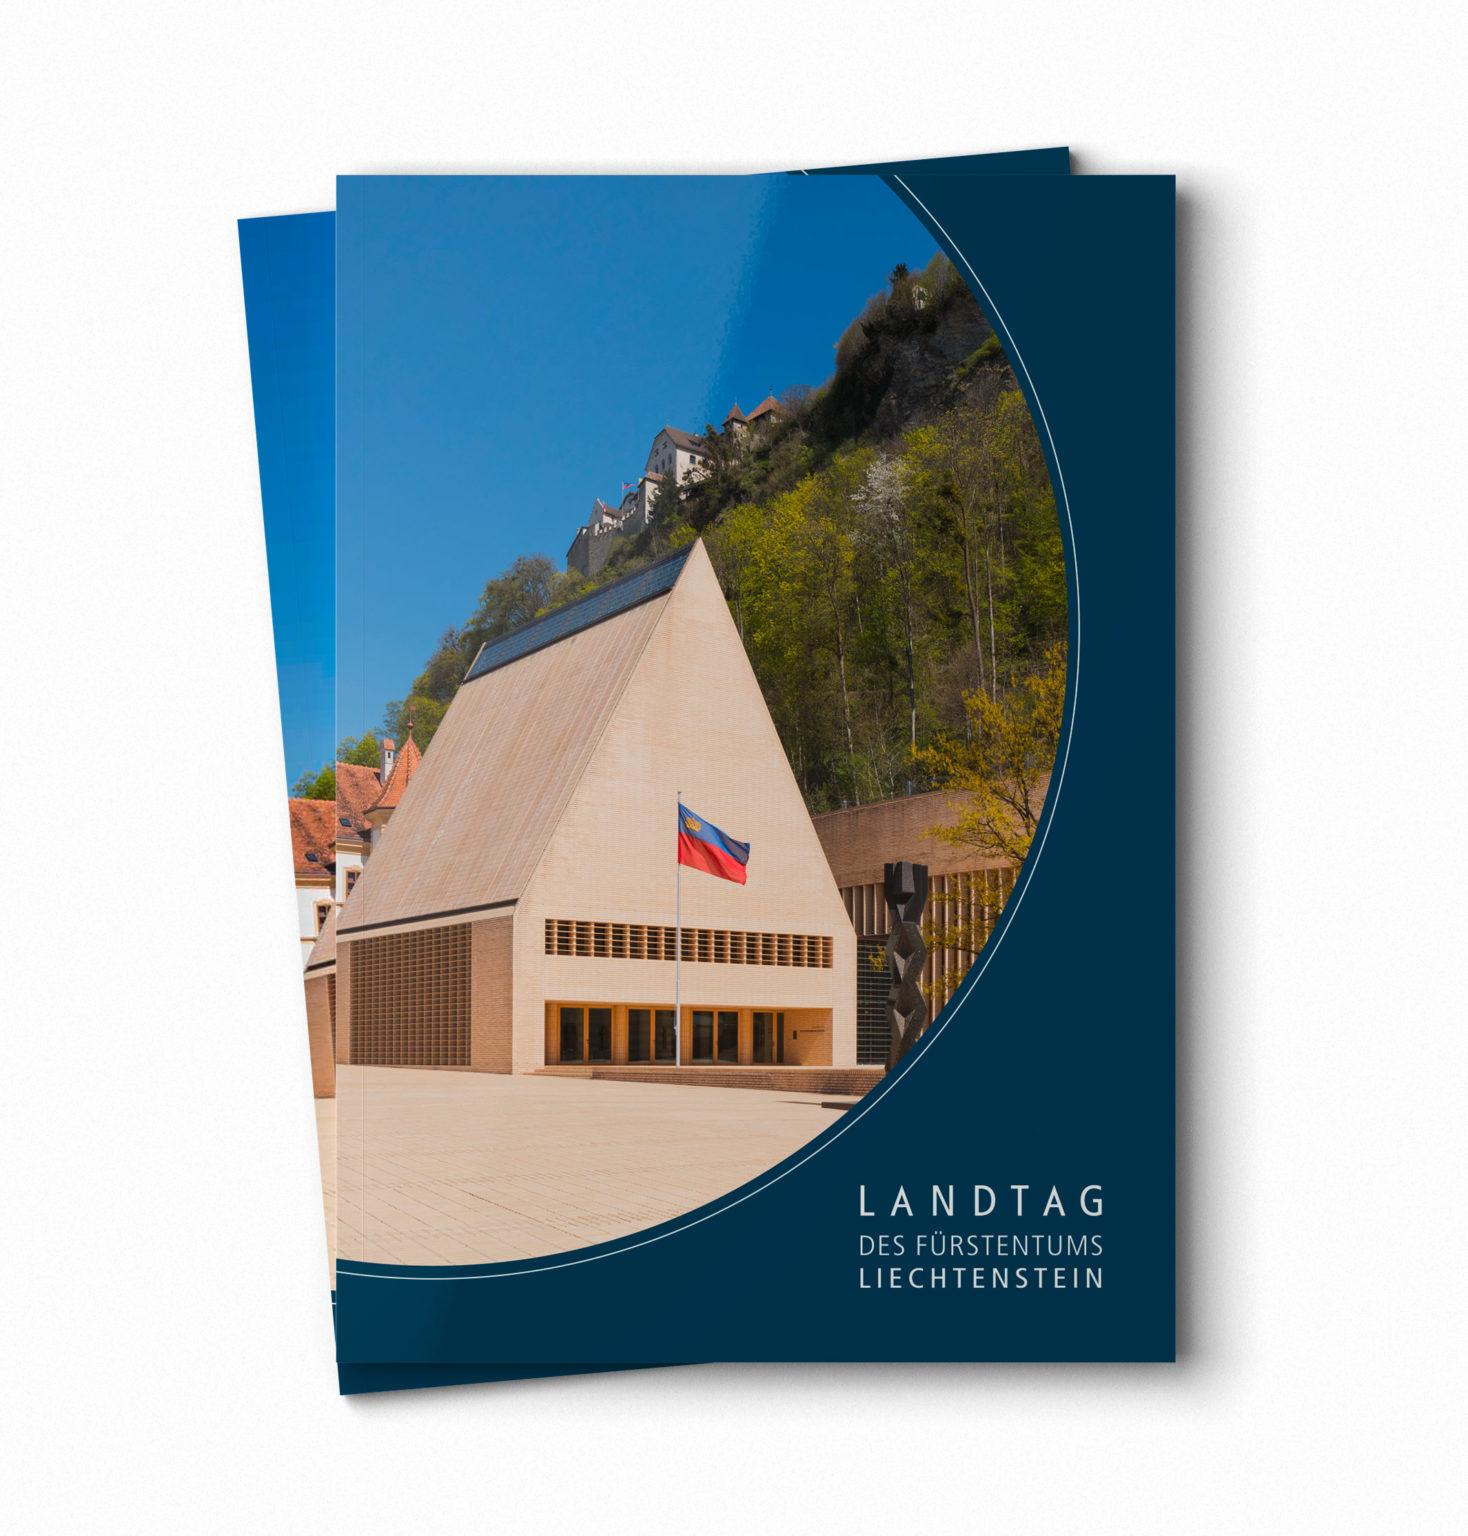 Liechtenstein-Landtag-2017